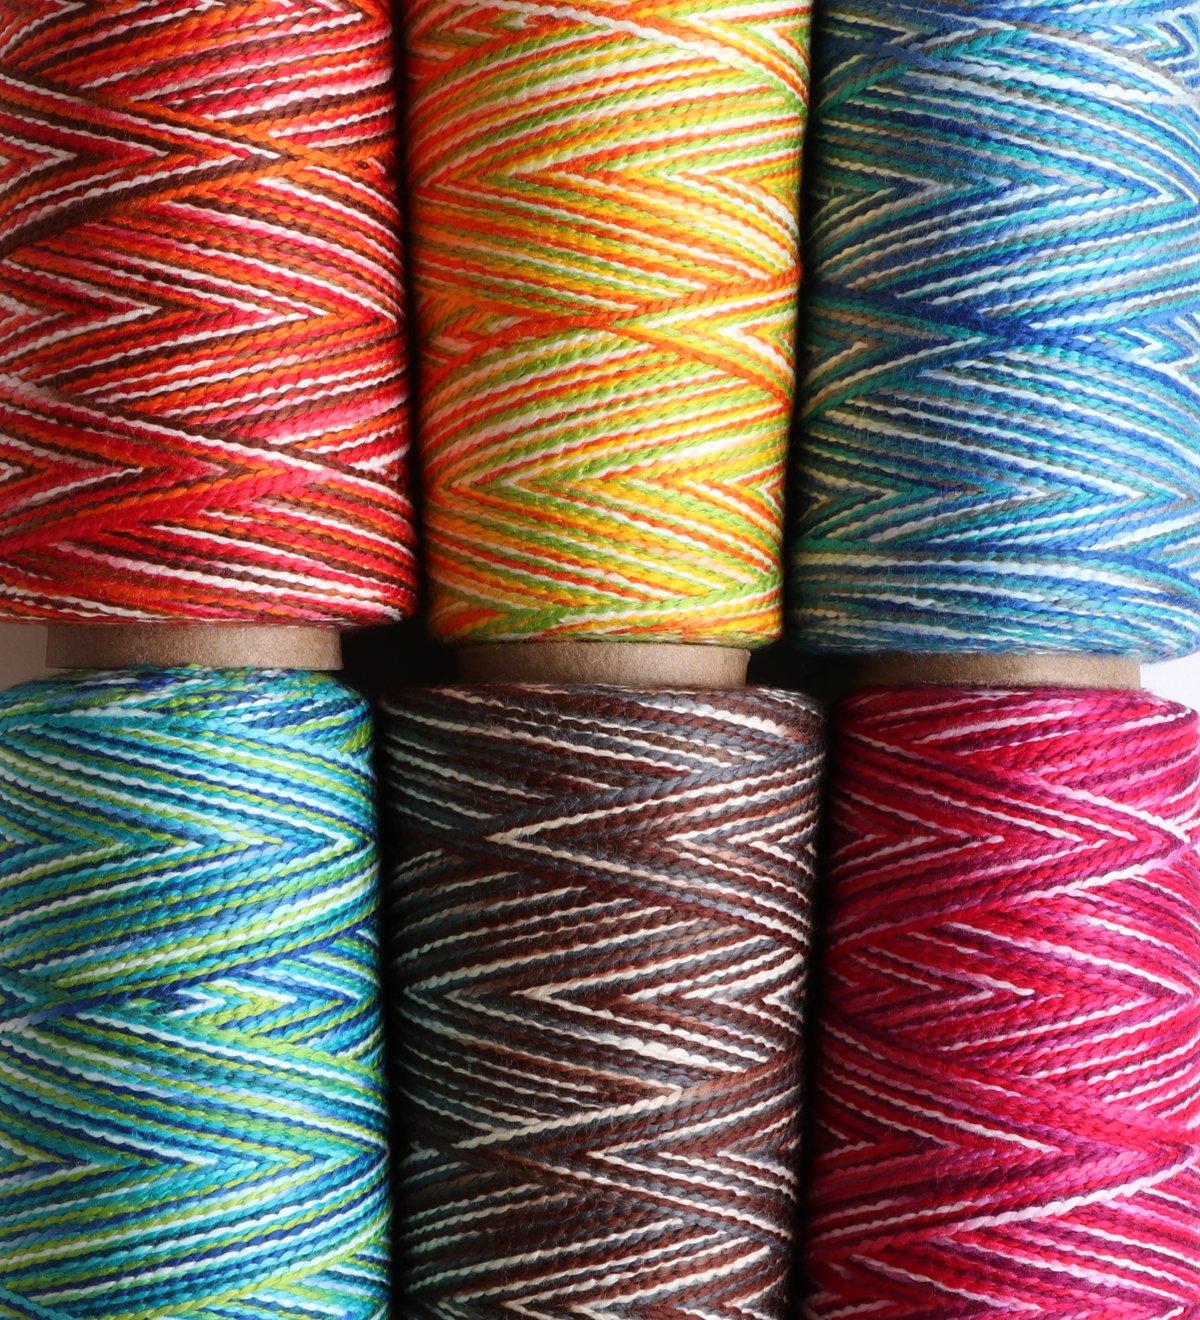 Ashford Caterpillar Cotton Yarn